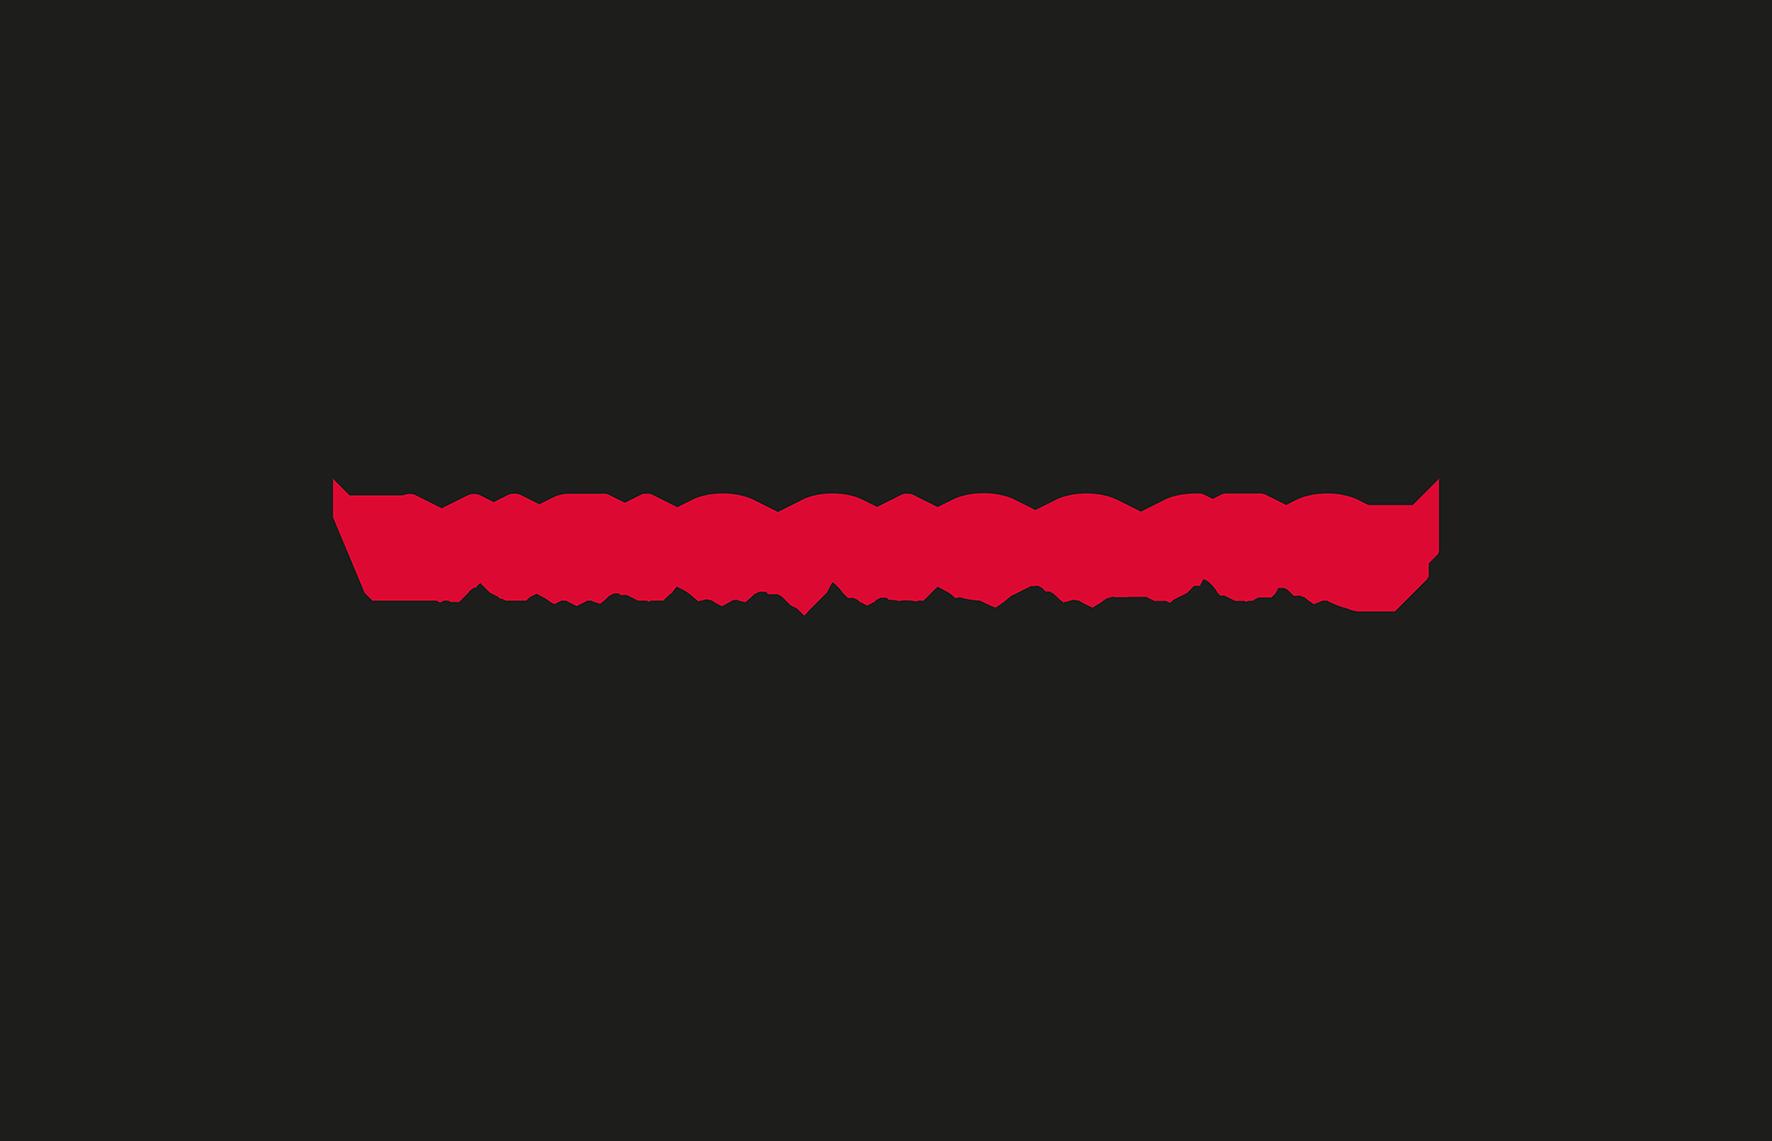 VISIONI_laurel_label 2017 official sel.png